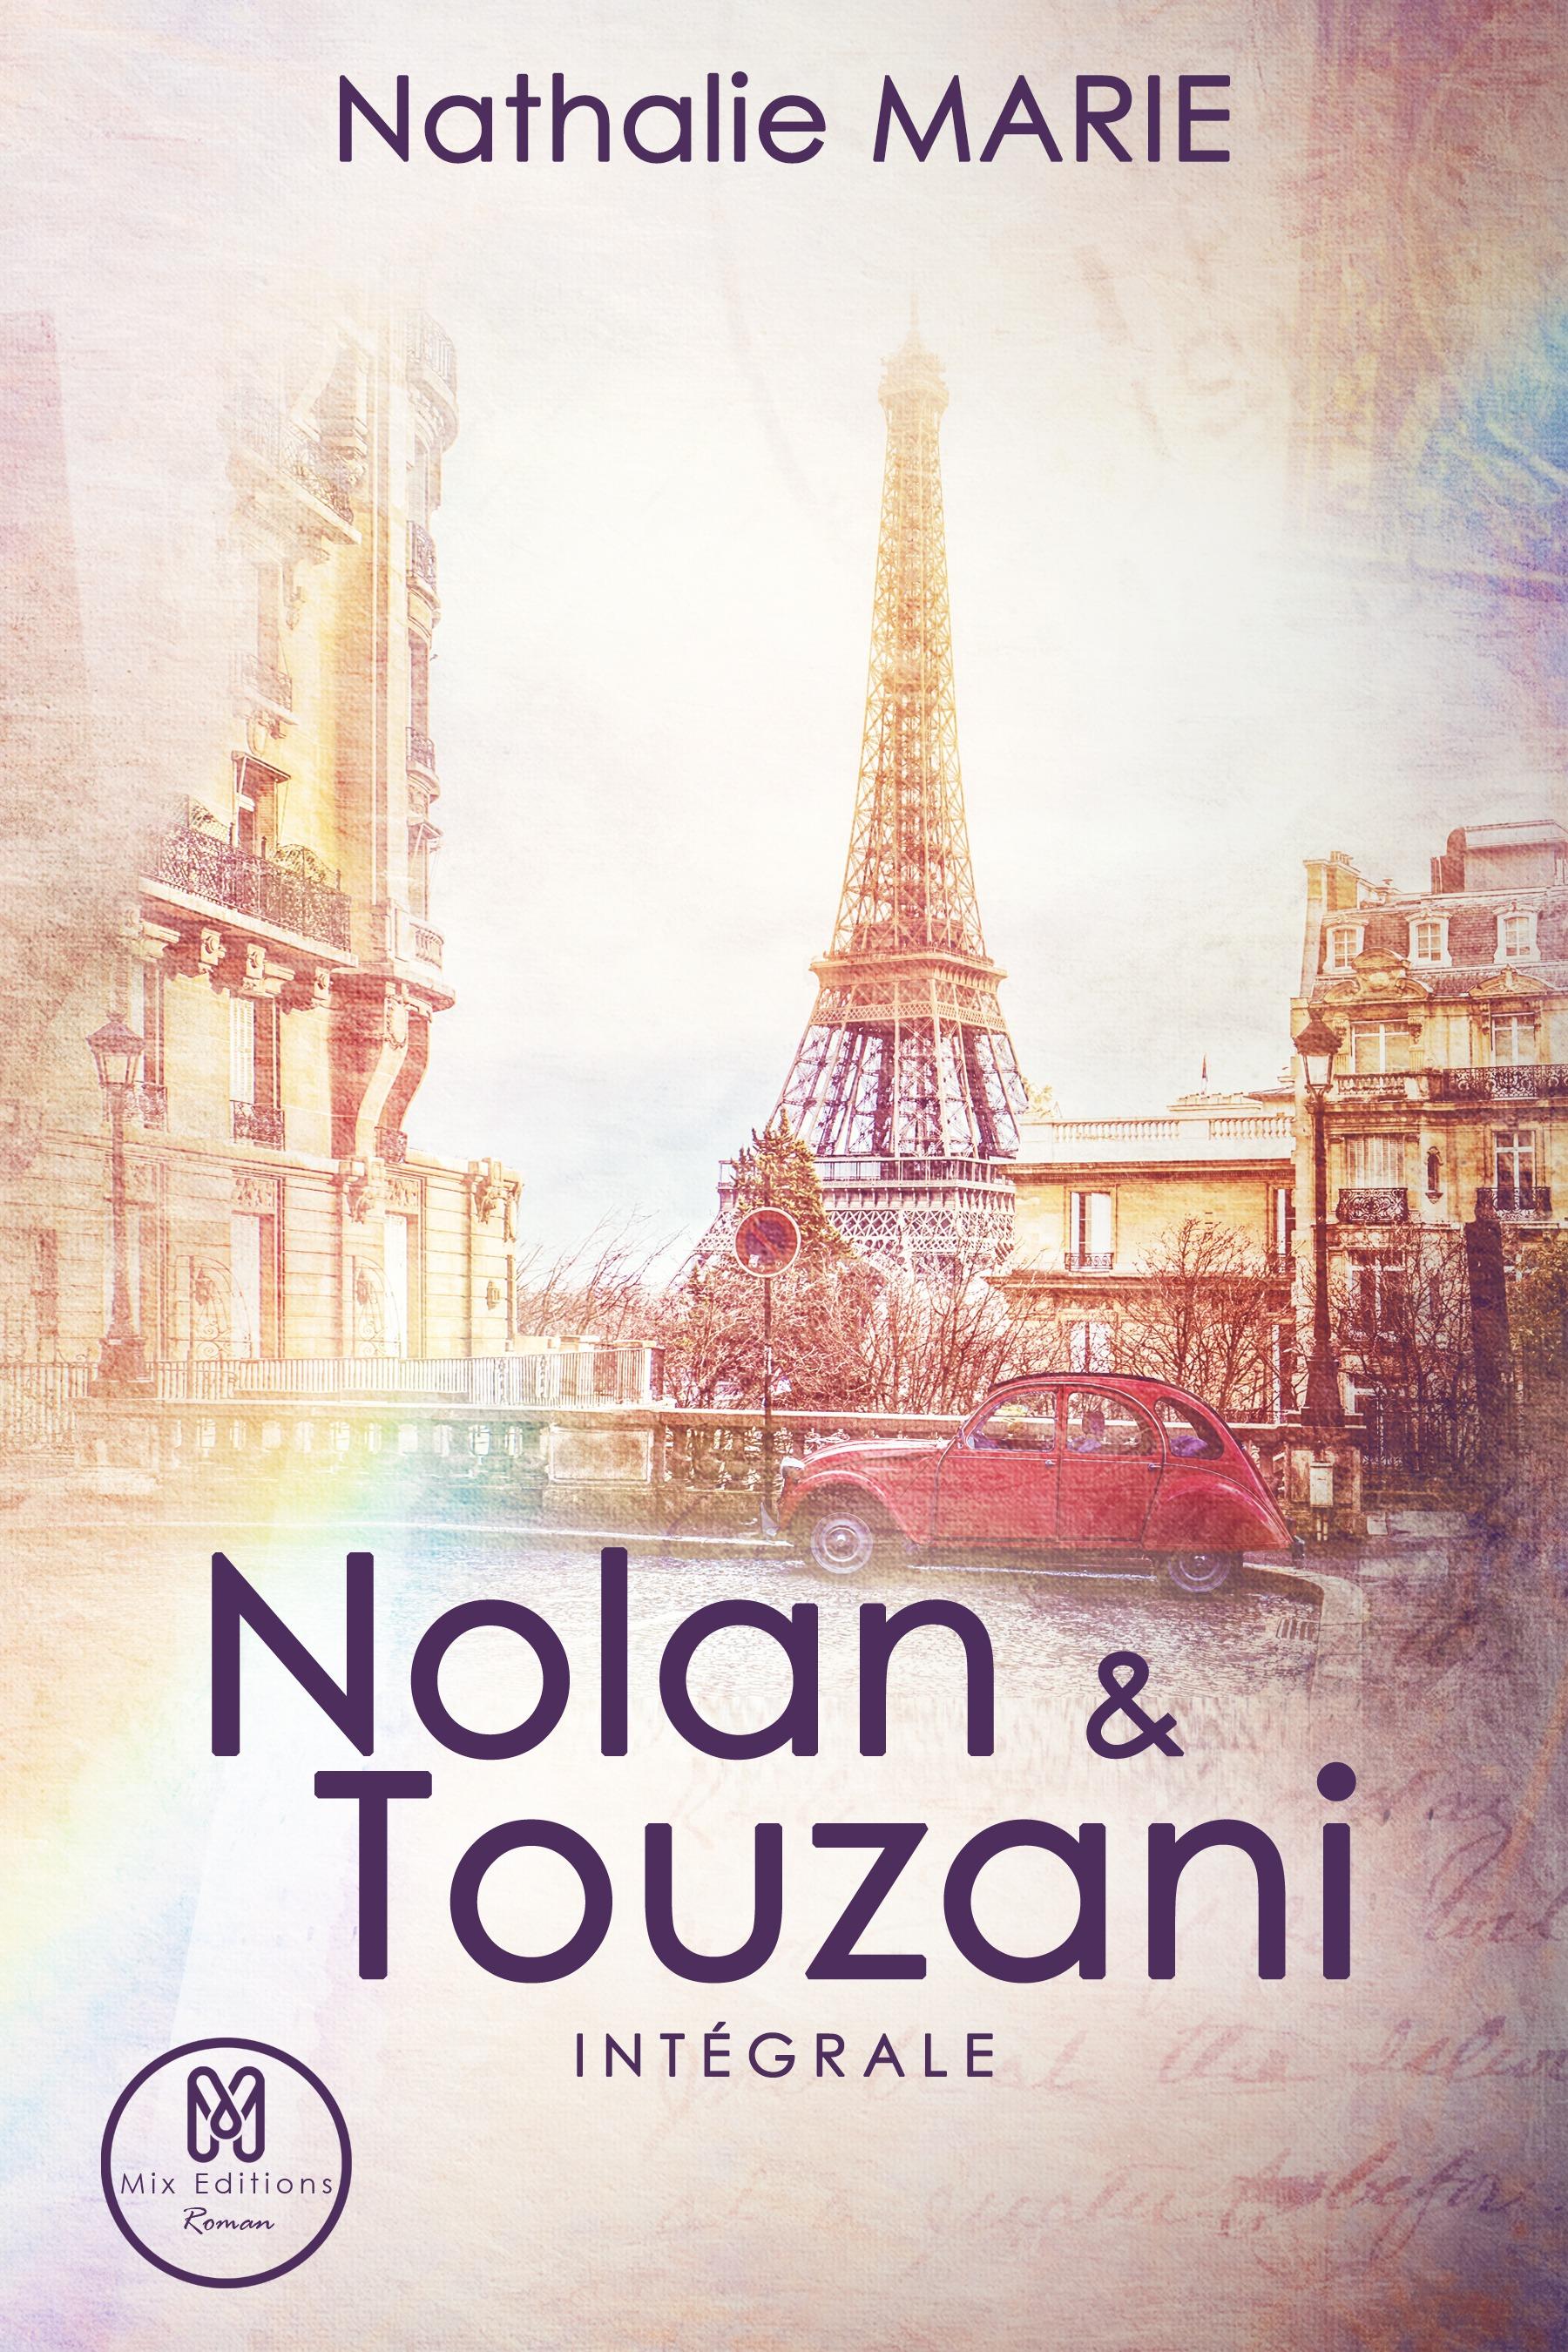 Nolan & Touzani